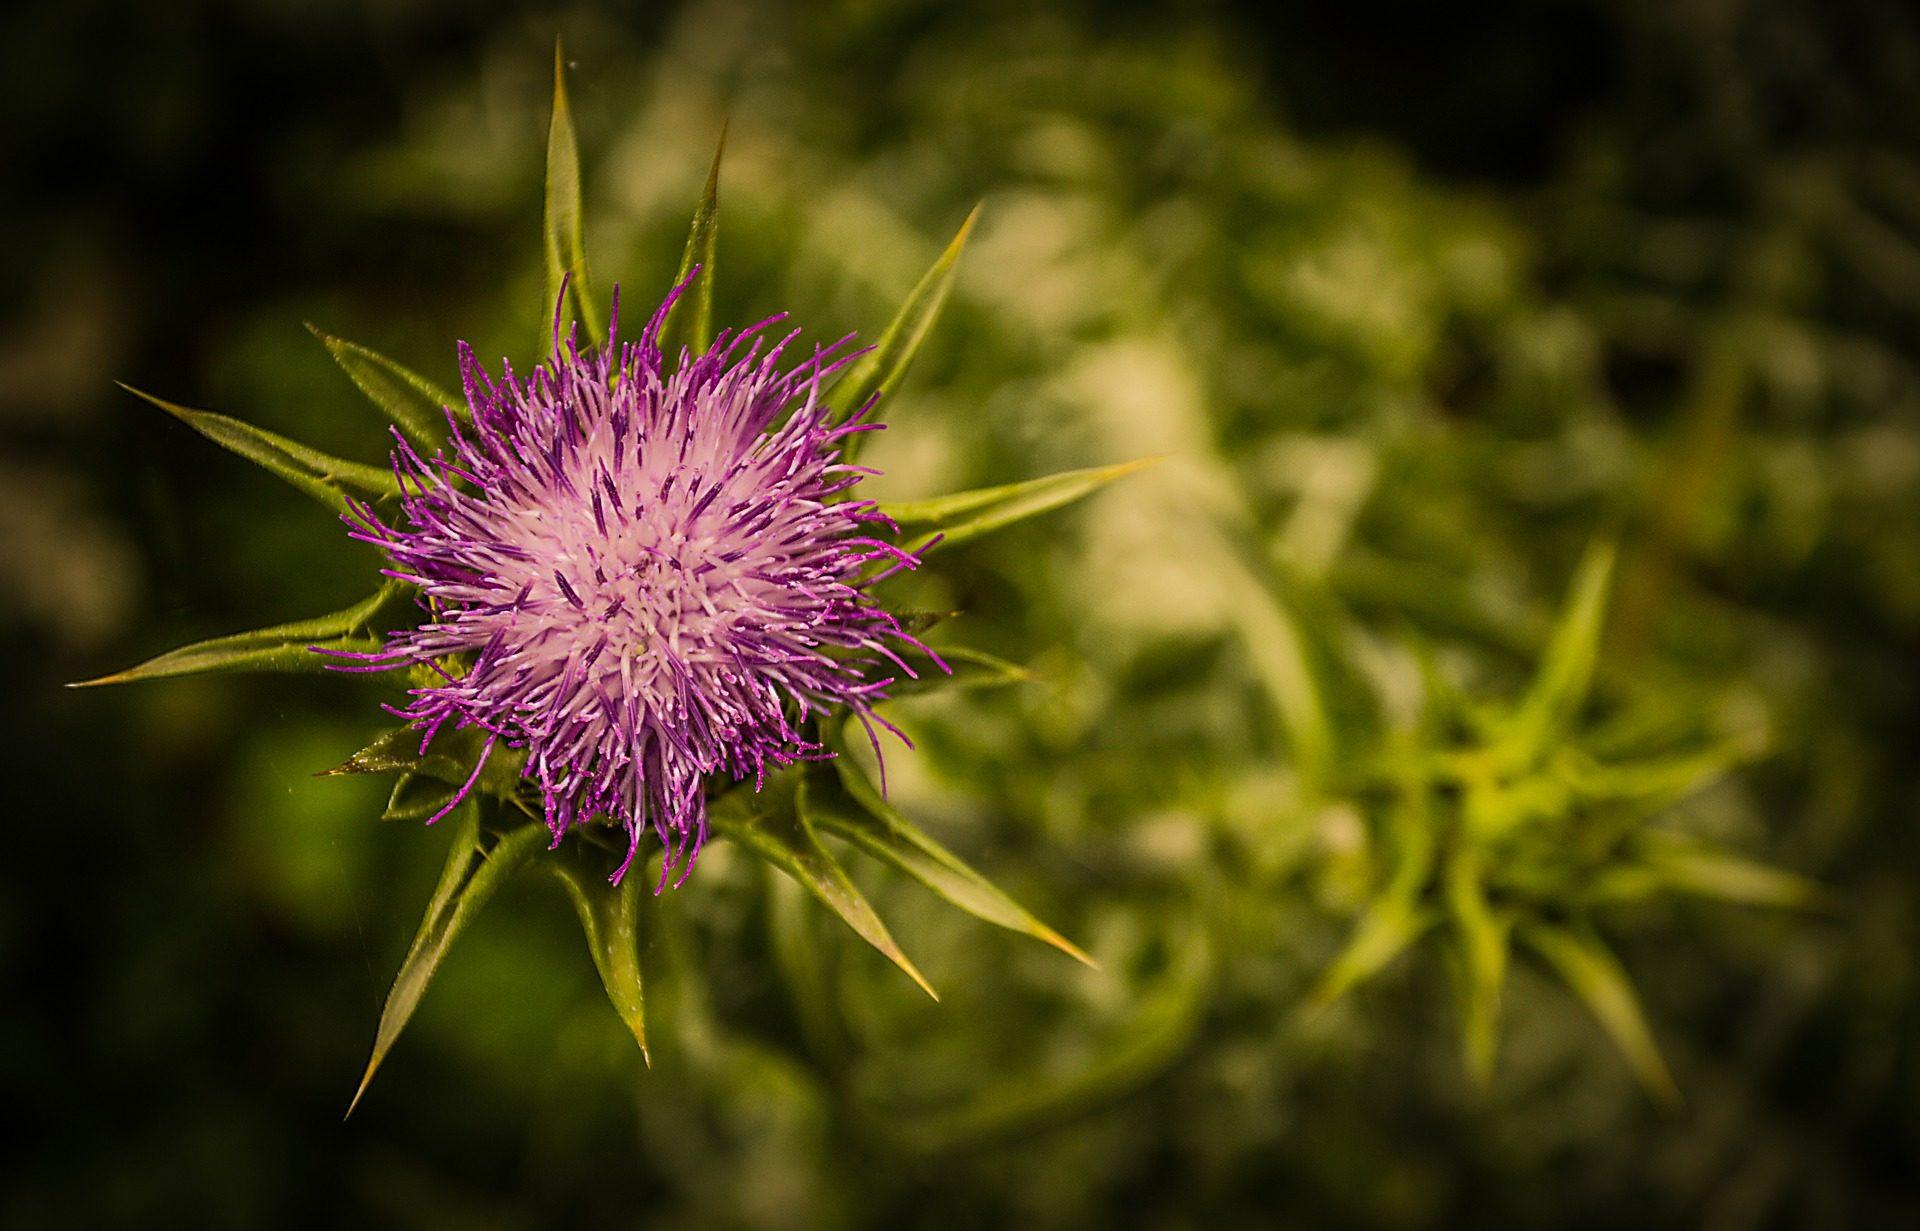 फूल, भू-तल, थीस्ल, कांटों, घास, खरपतवार - HD वॉलपेपर - प्रोफेसर-falken.com